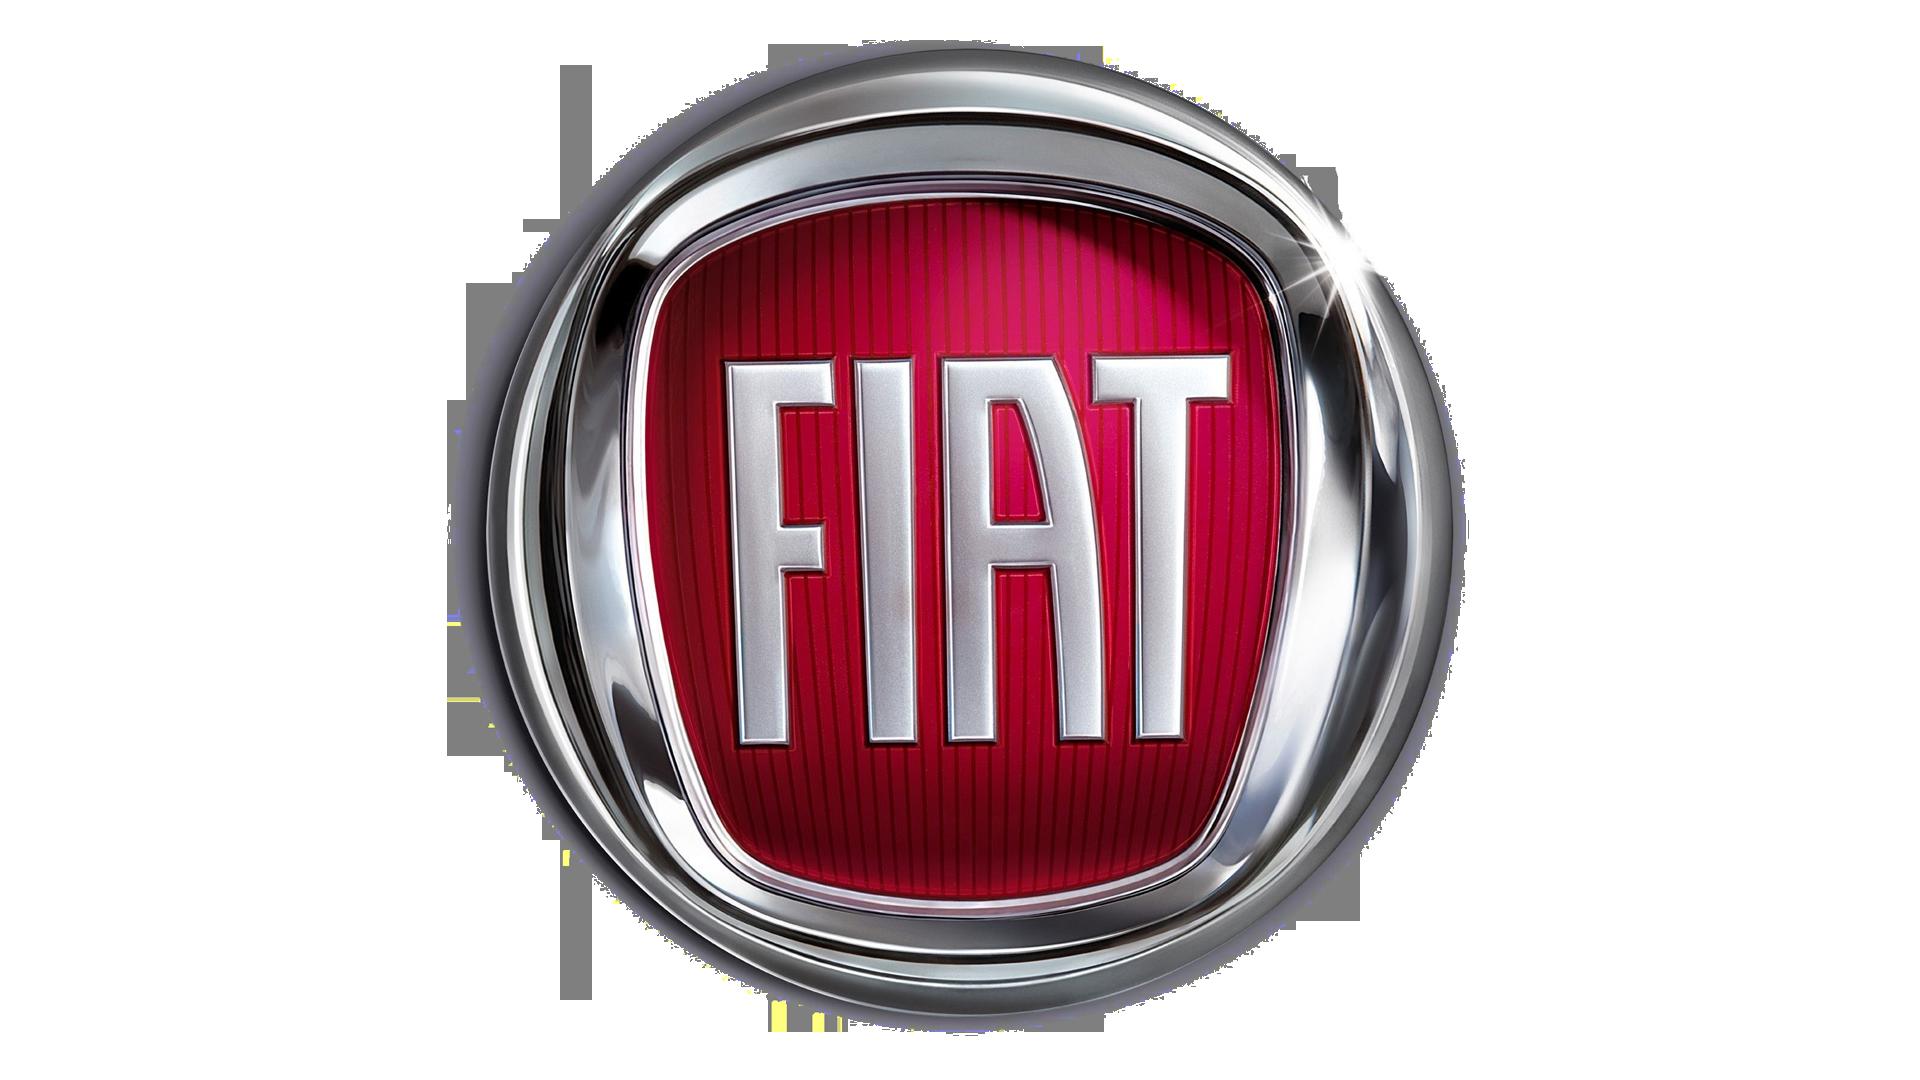 Téléphoner au service clientèle Fiat